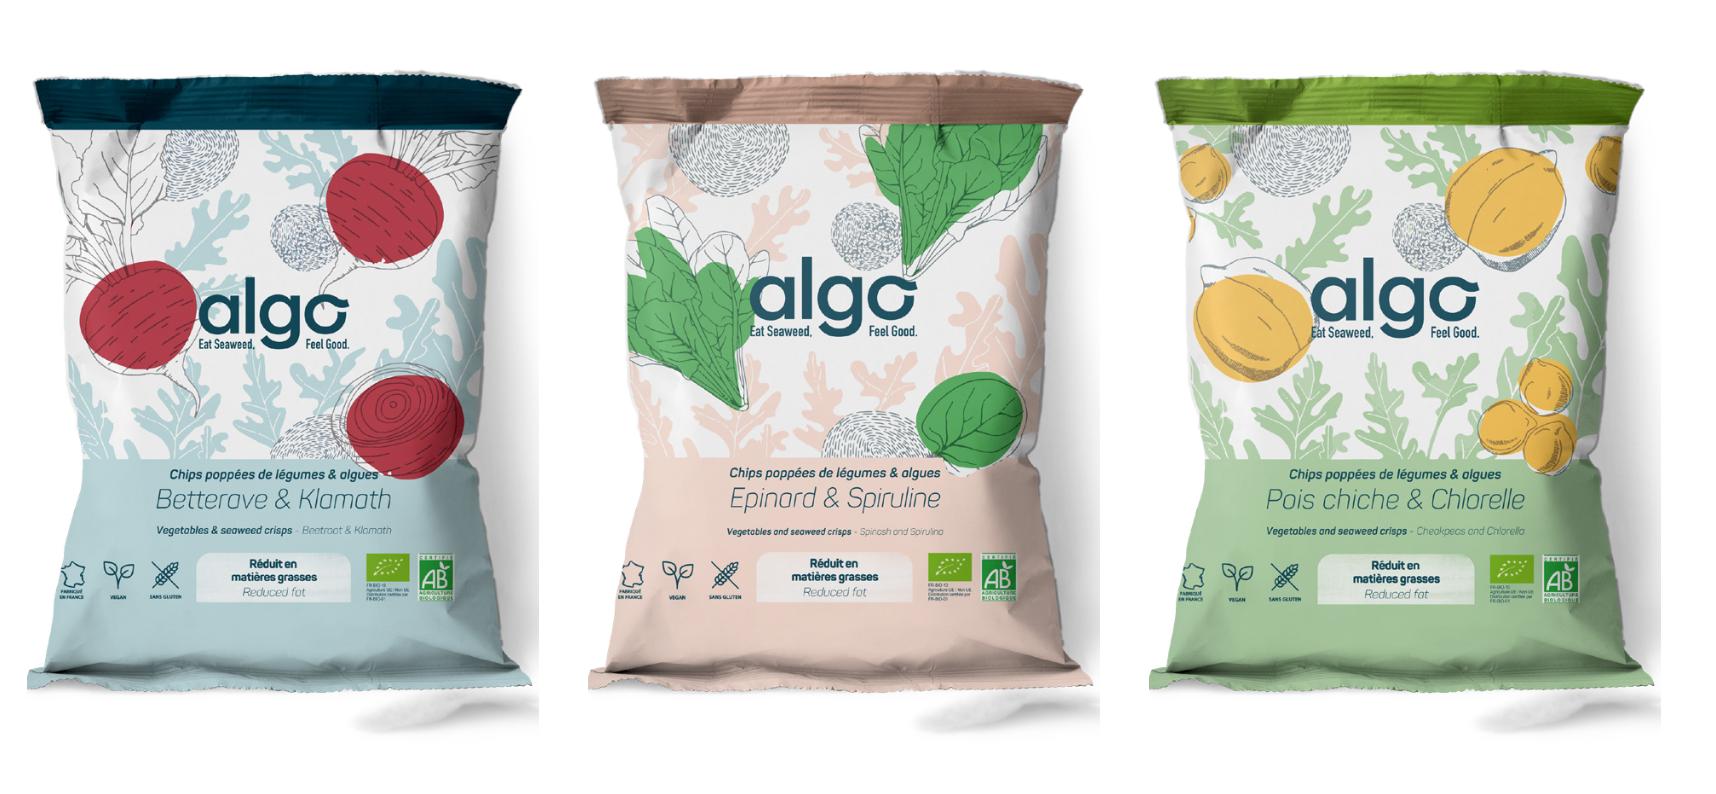 Capture d'écran 2020 02 14 à 17.07.36 - Algo et Seagood, deux marques pour démocratiser la consommation d'algues au quotidien